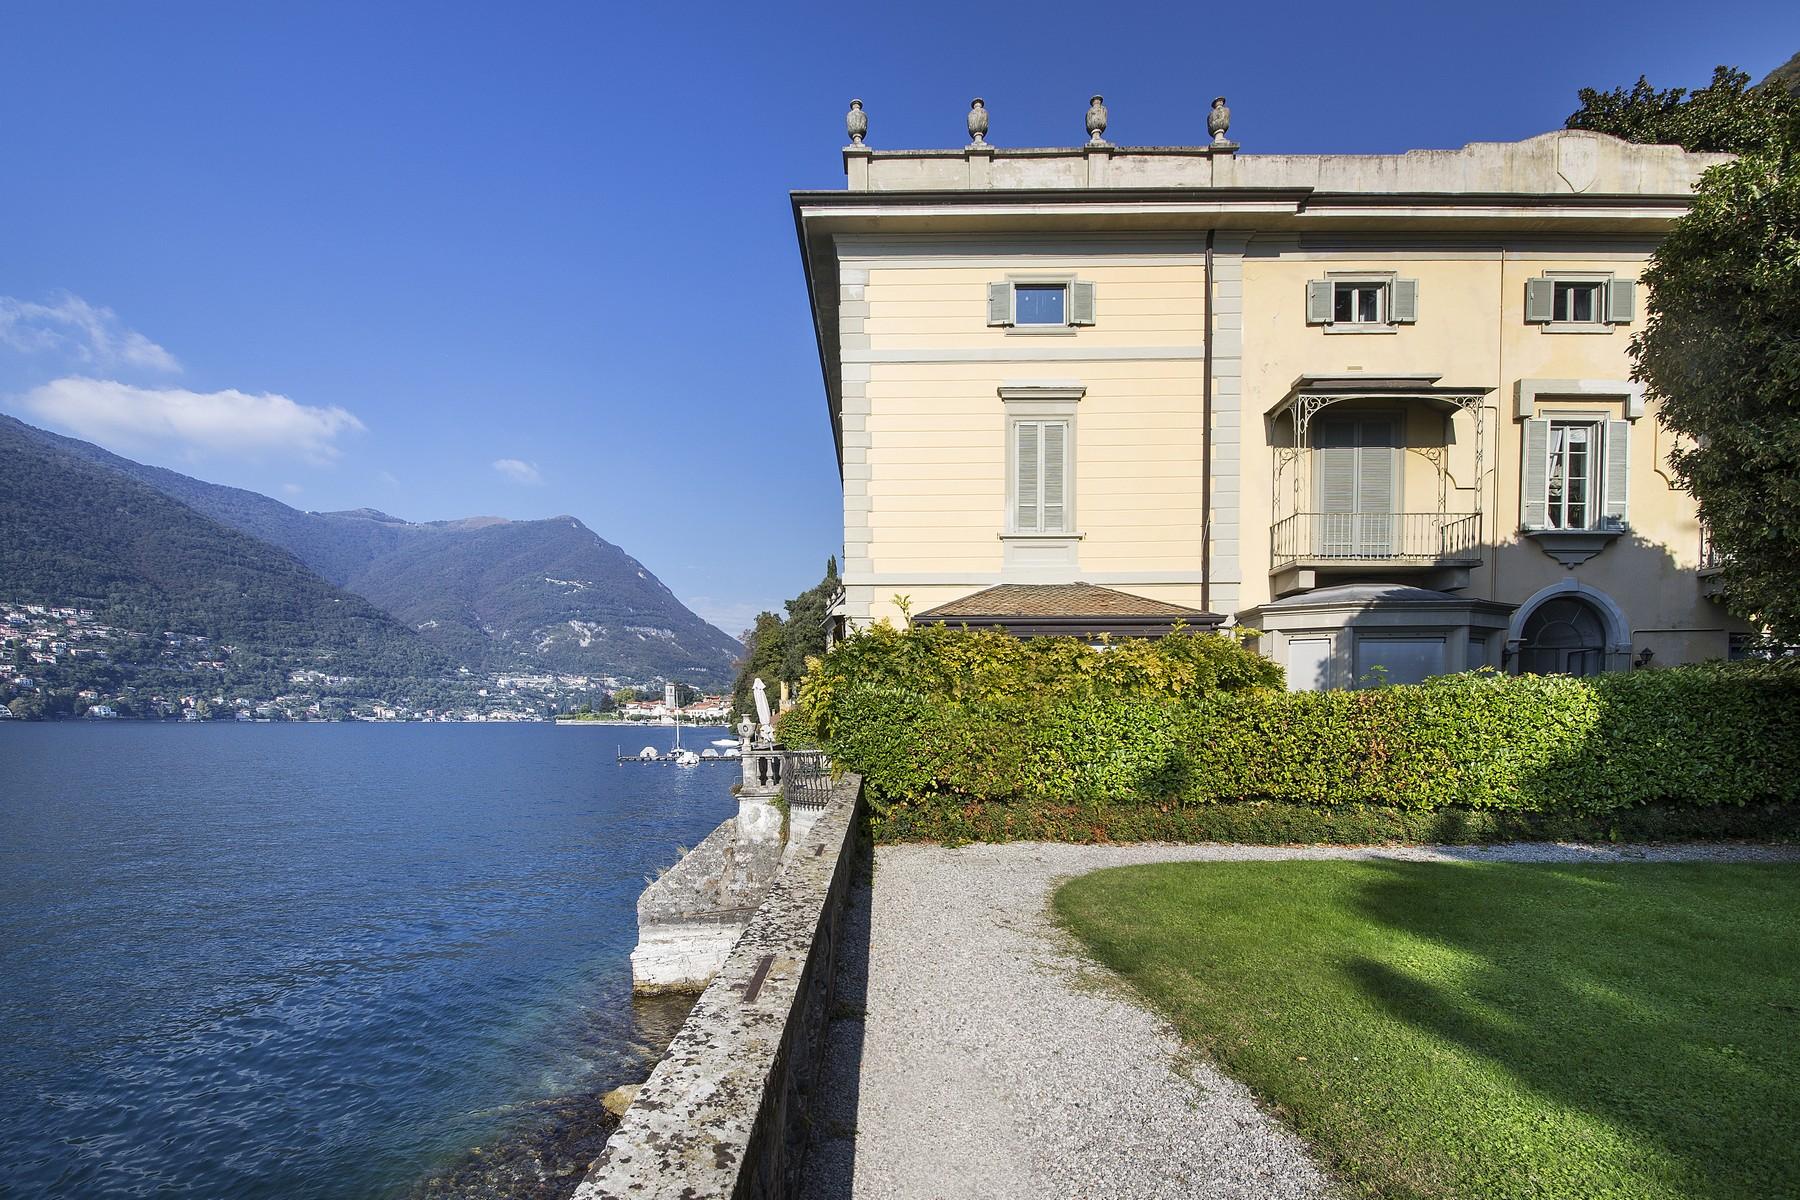 Appartamento in Vendita a Torno: 5 locali, 100 mq - Foto 1